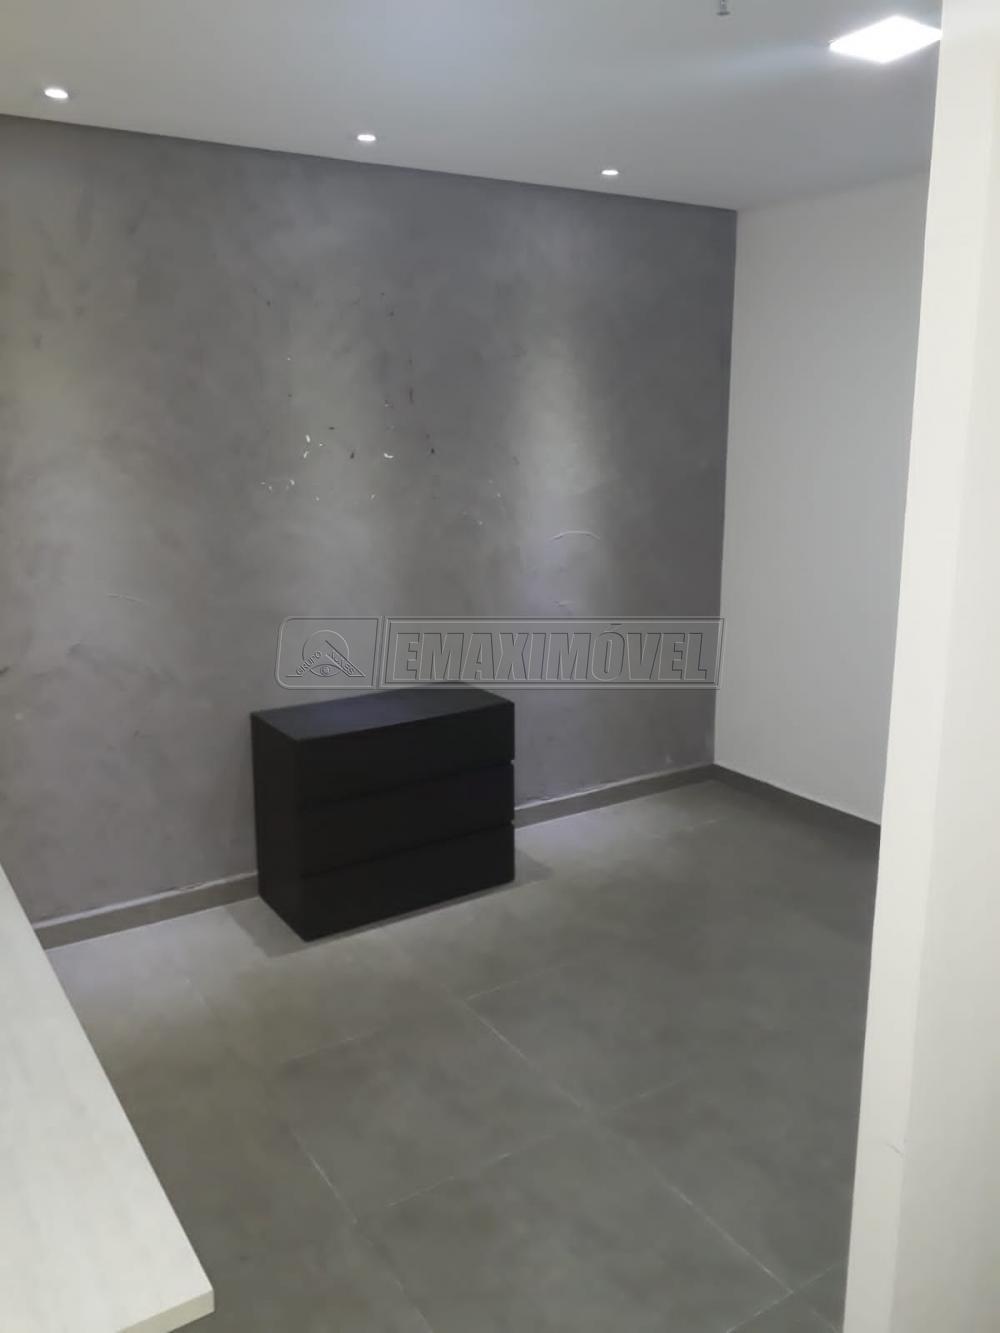 Alugar Sala Comercial / em Condomínio em Sorocaba R$ 1.200,00 - Foto 4